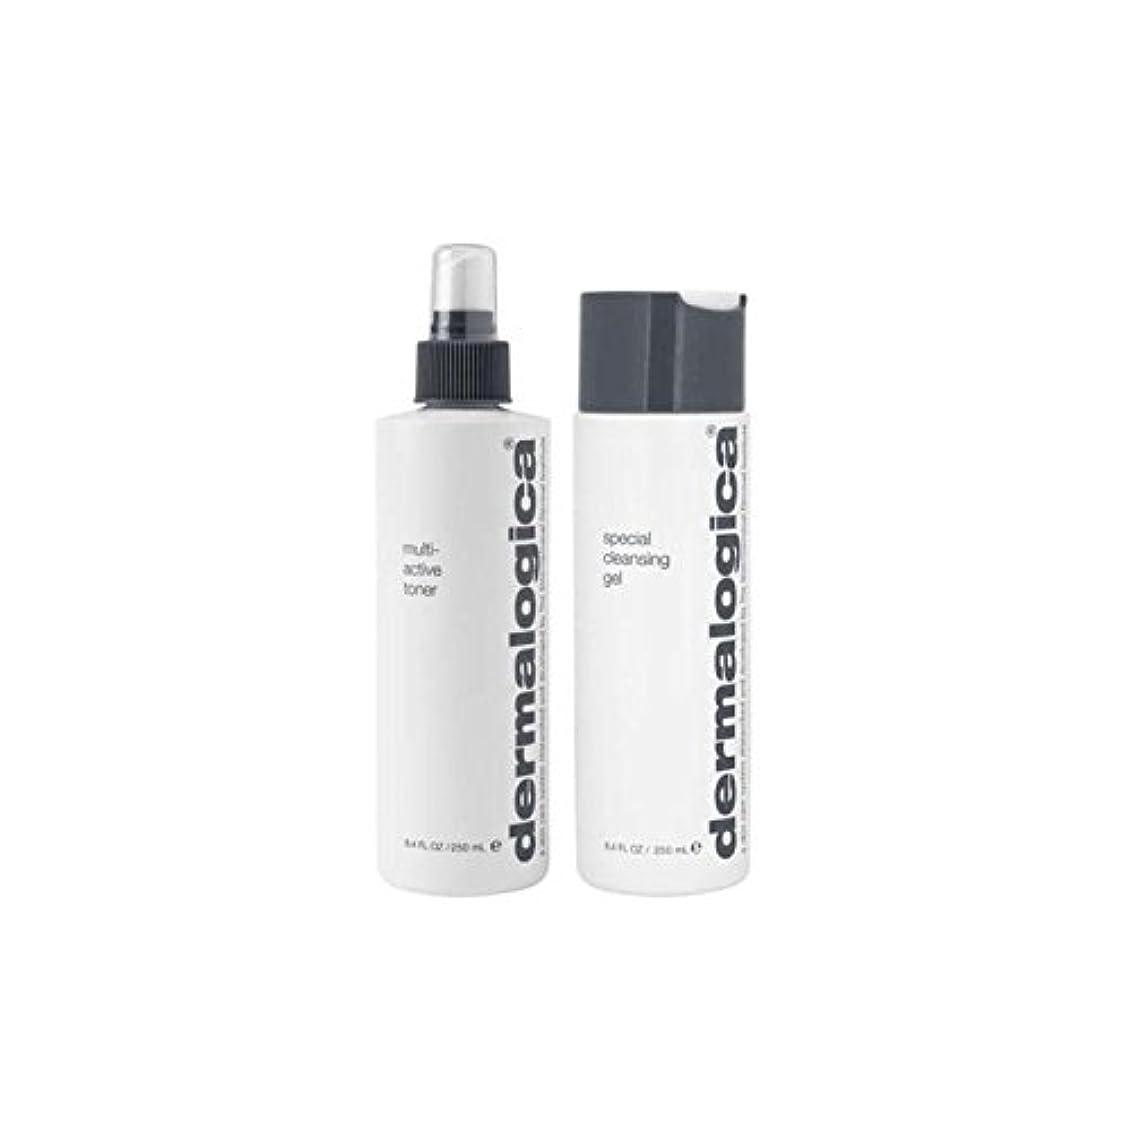 清める味わう動機付けるDermalogica Cleanse & Tone Duo - Normal/Dry Skin (2 Products) - ダーマロジカクレンジング&トーンデュオ - ノーマル/ドライスキン(2製品) [並行輸入品]